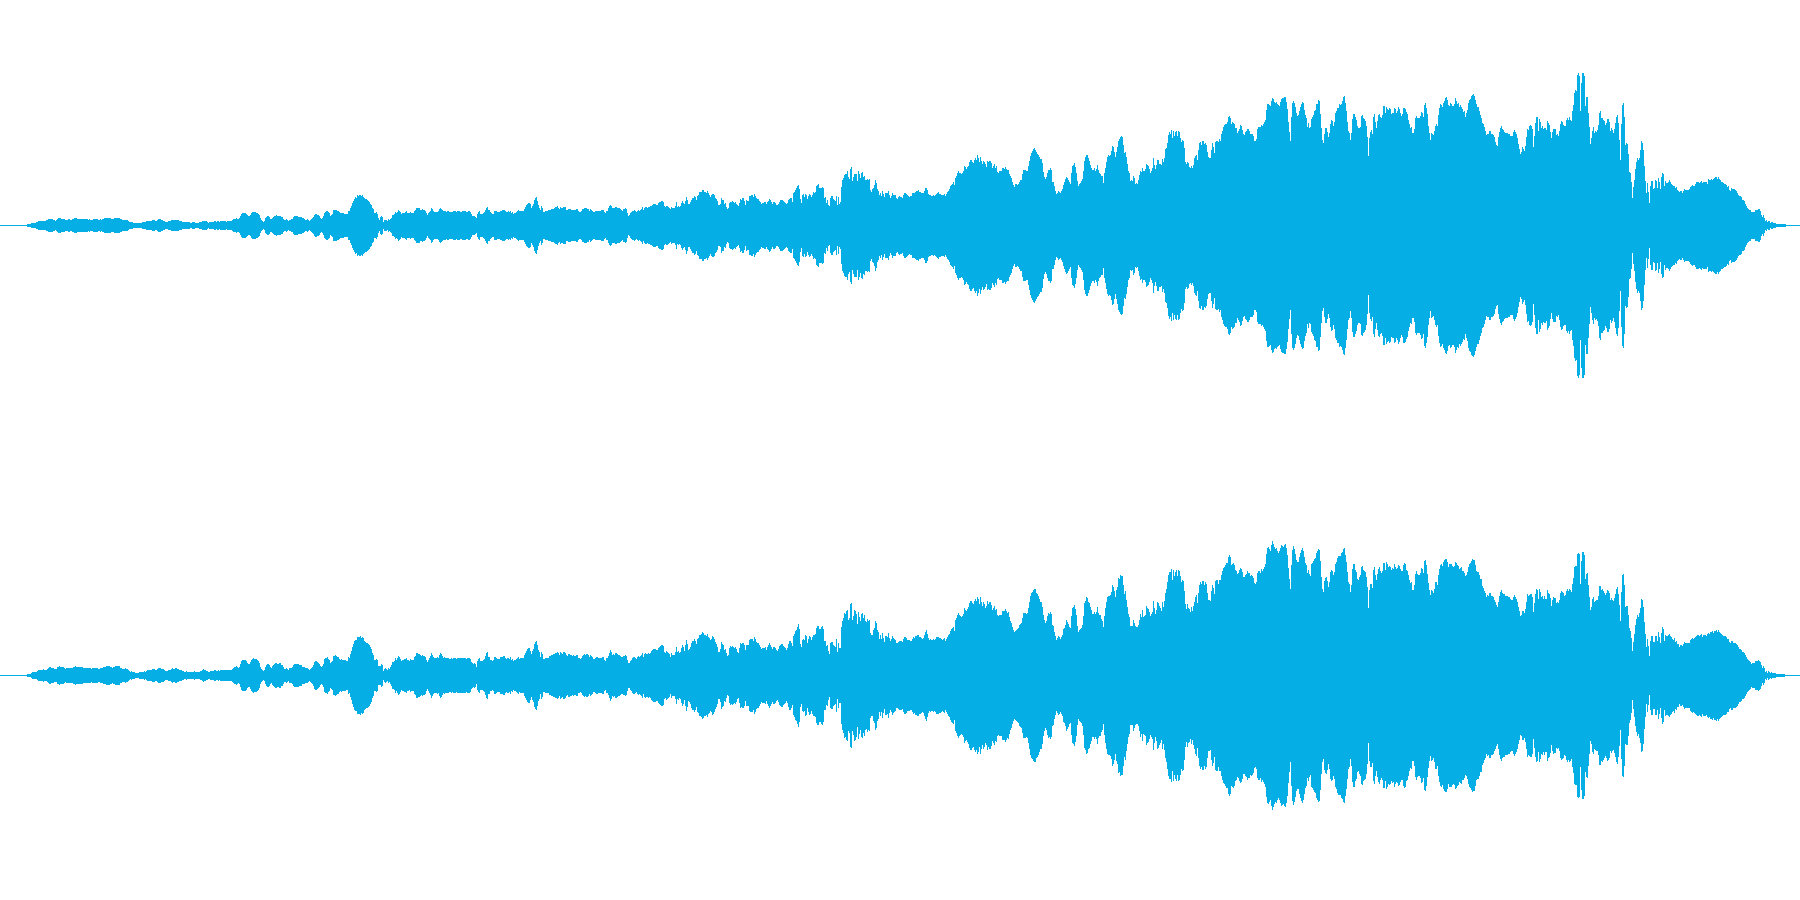 幽霊登場 スライドホイッスルの再生済みの波形